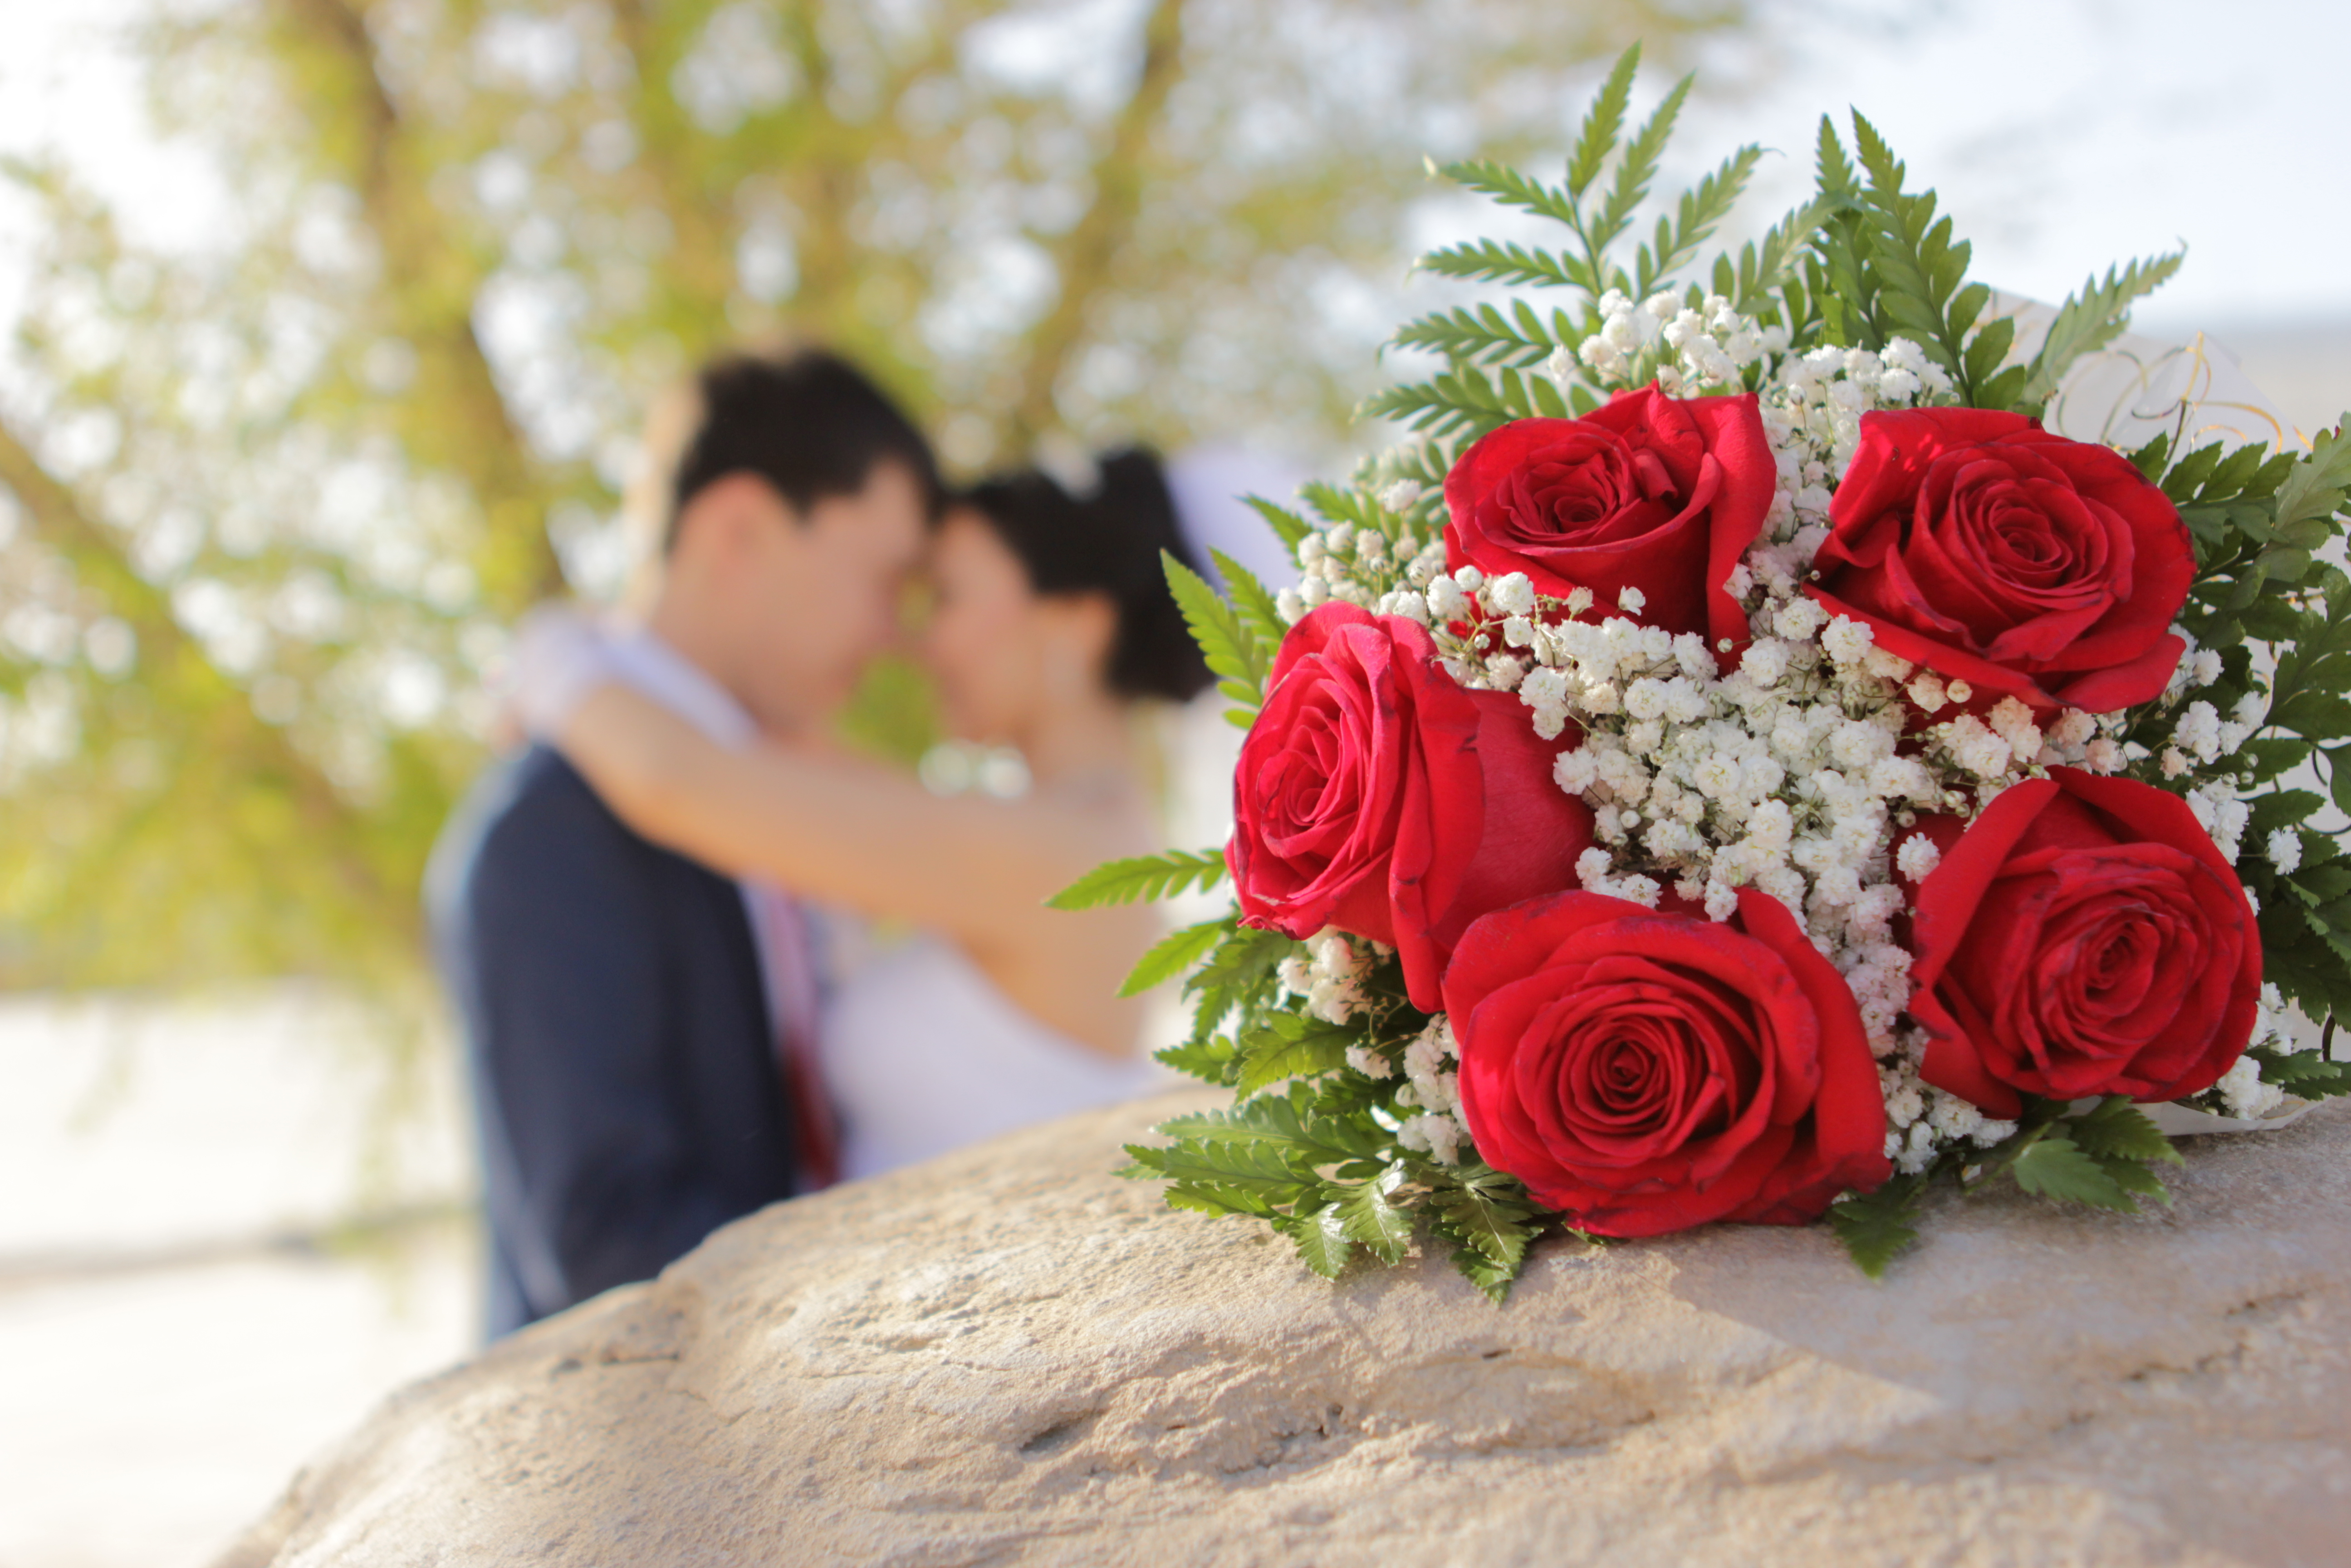 цветы жених и невеста фото: